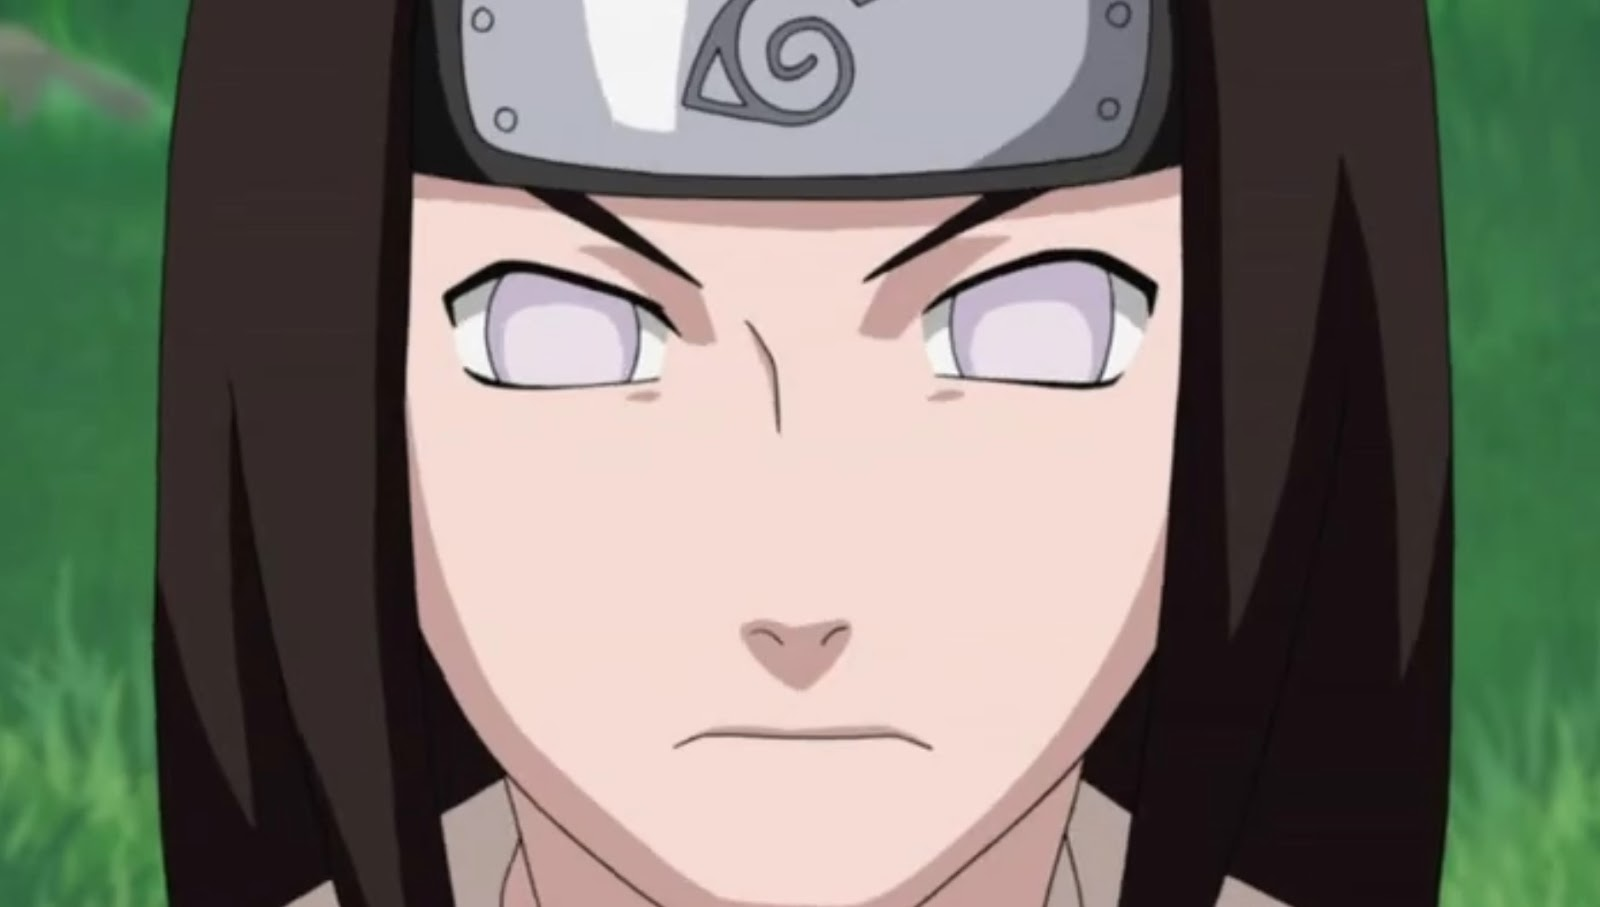 Naruto Shippuden Episódio 192, Assistir Naruto Shippuden Episódio 192, Assistir Naruto Shippuden Todos os Episódios Legendado, Naruto Shippuden episódio 192,HD